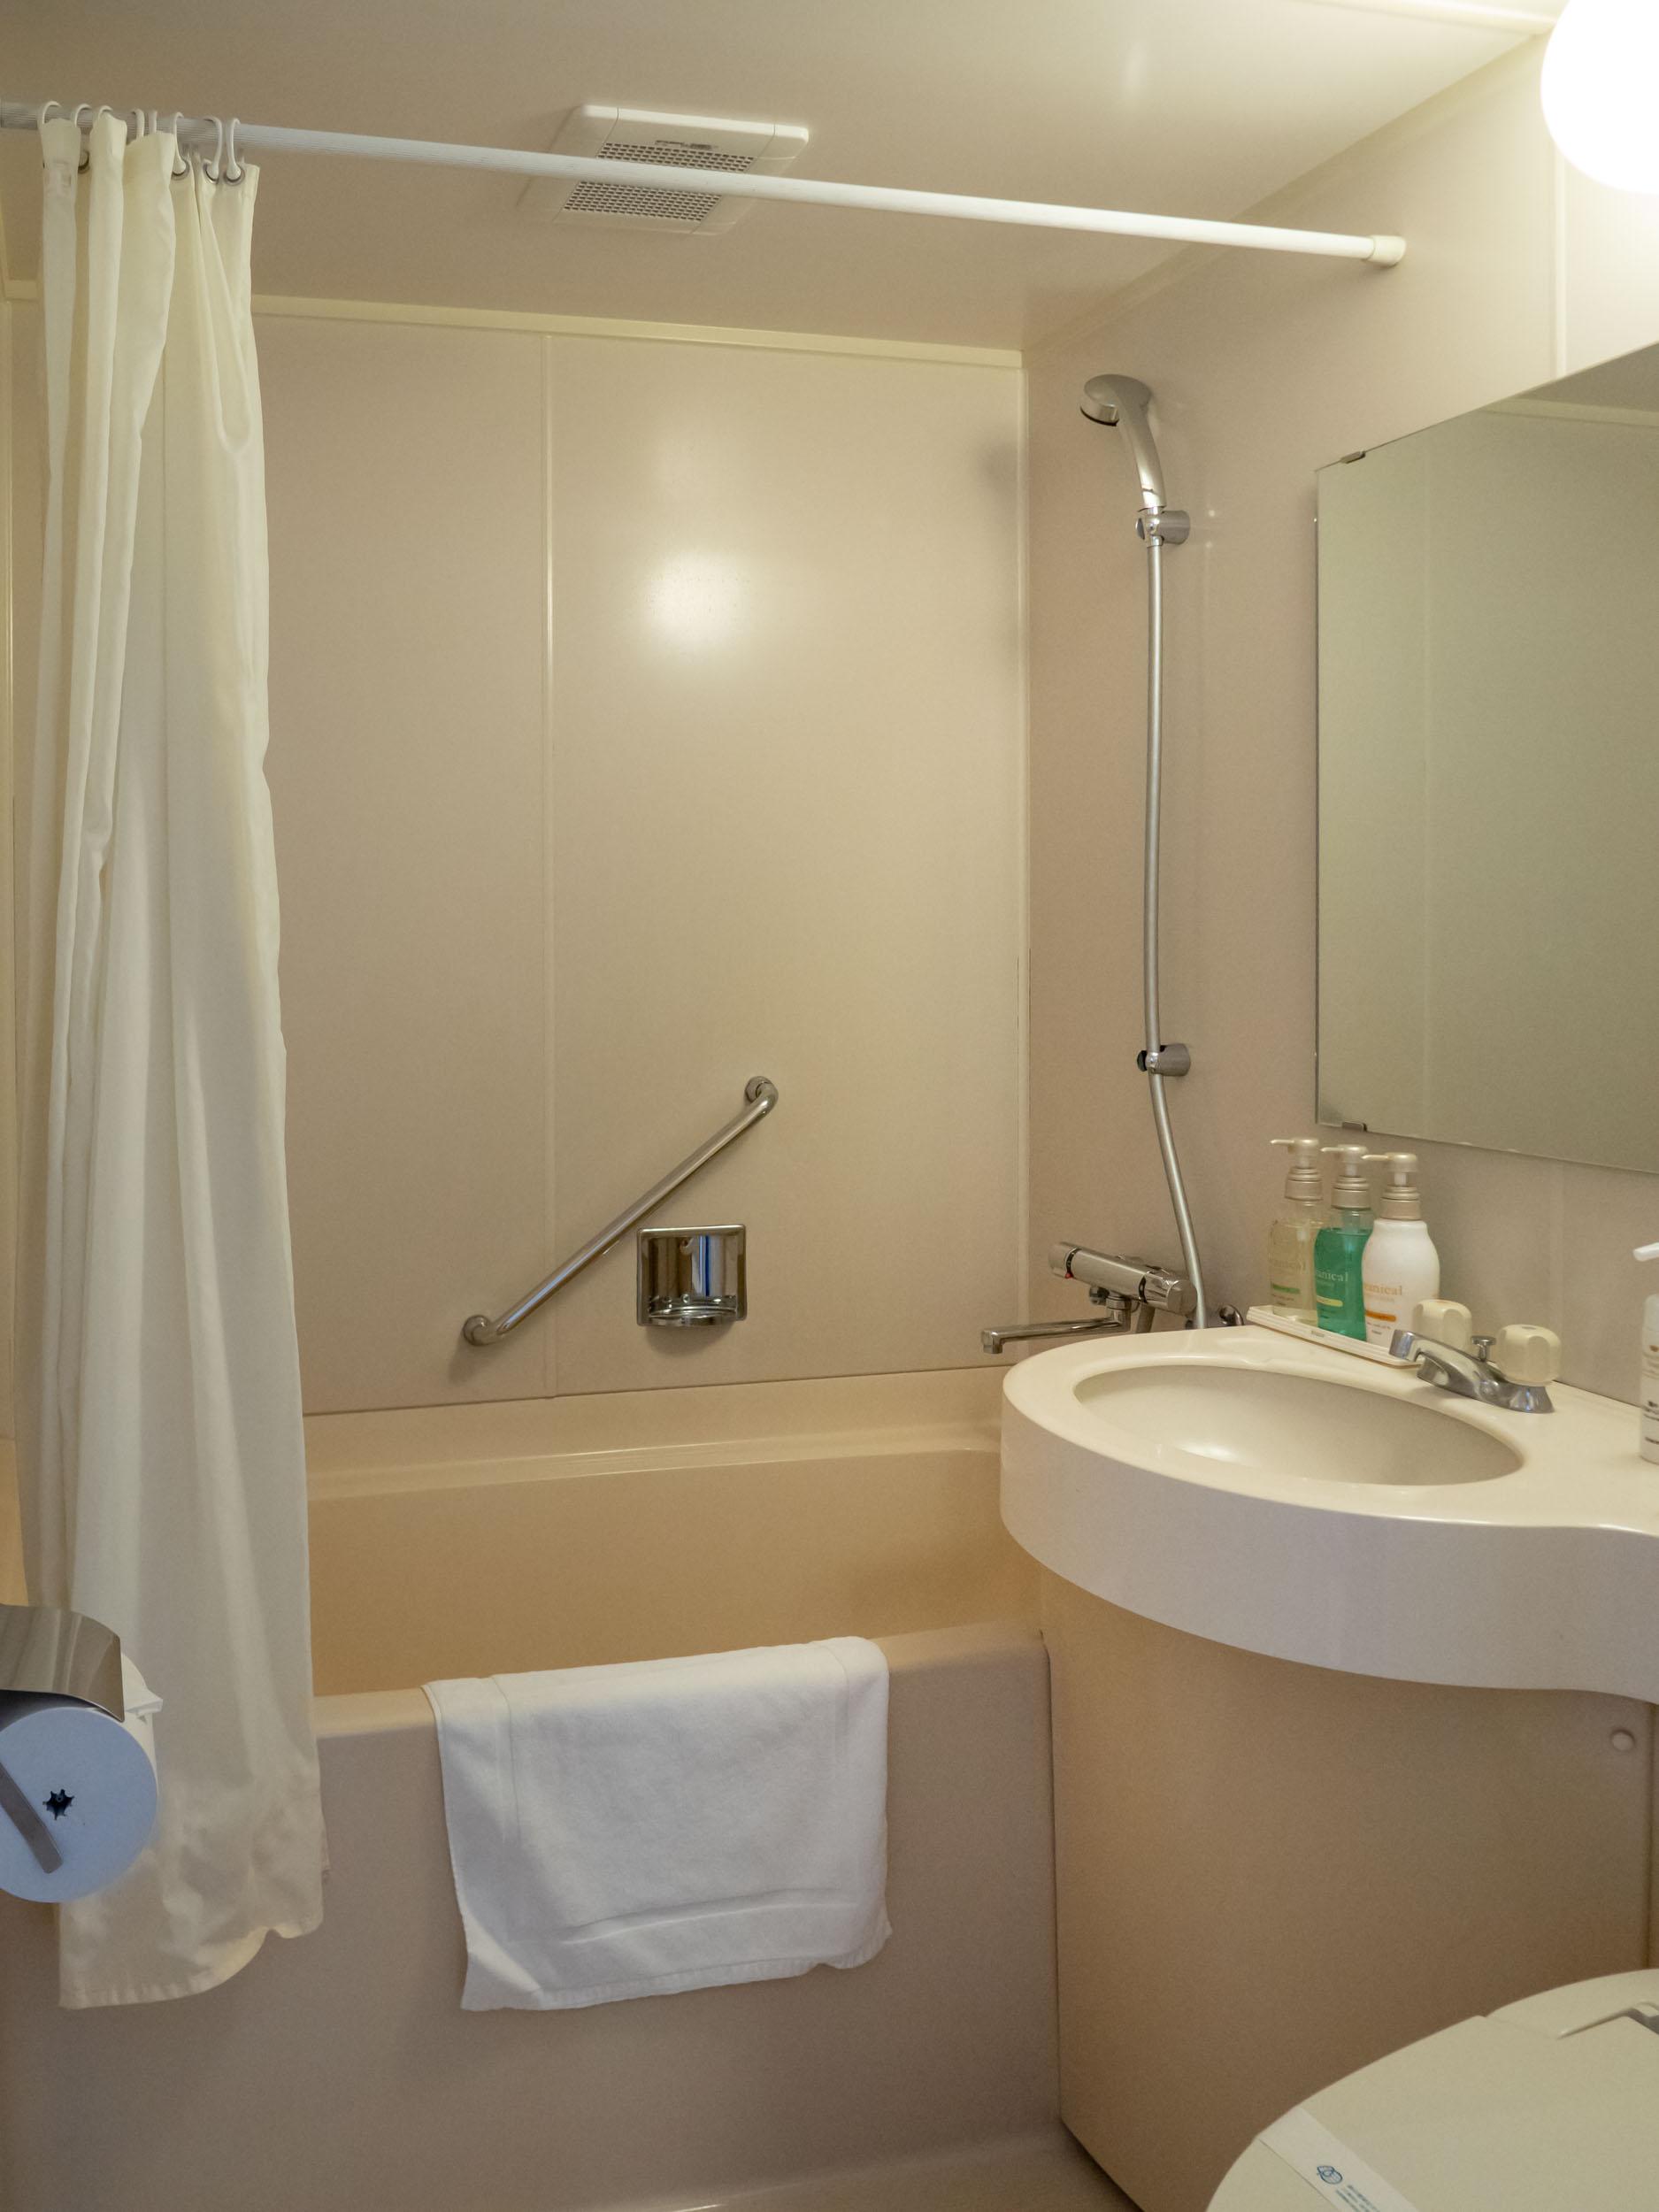 札幌第一ホテルのバスルーム DMC-GX8 + LEICA DG 12-60mm